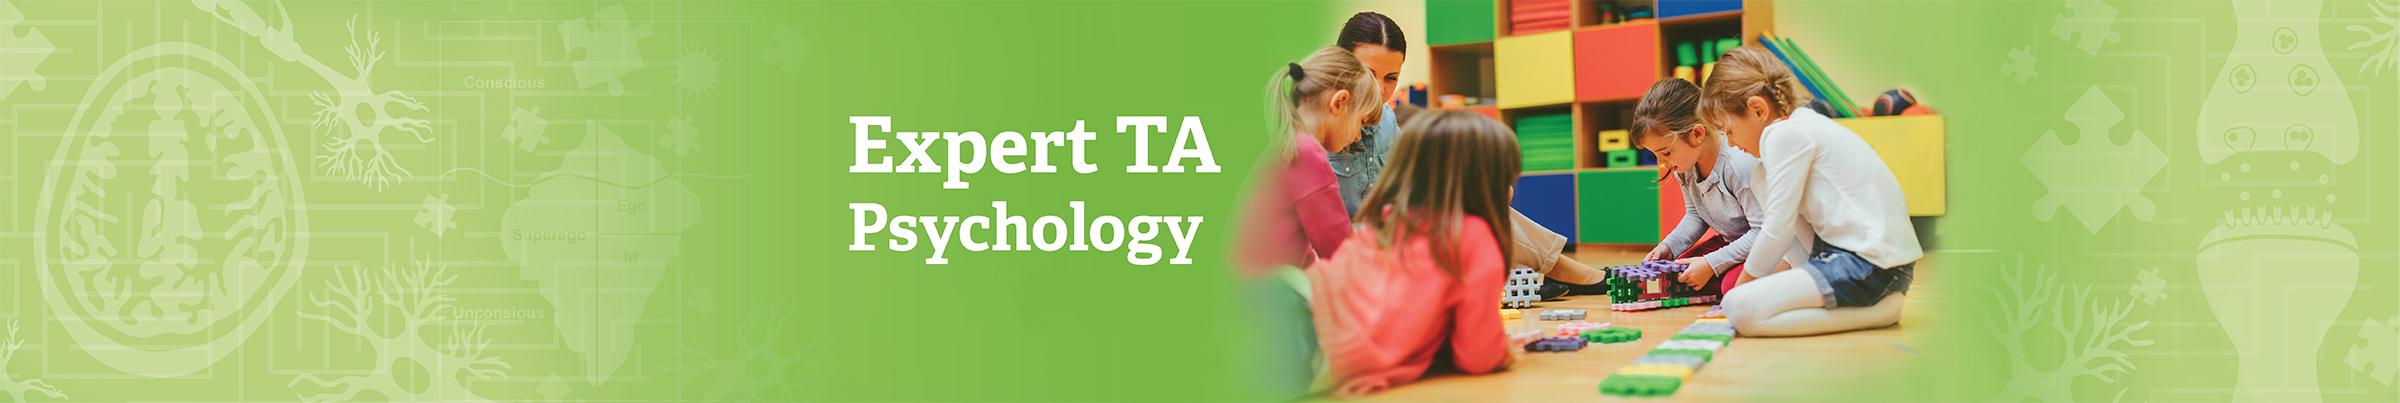 The Expert TA – Psychology